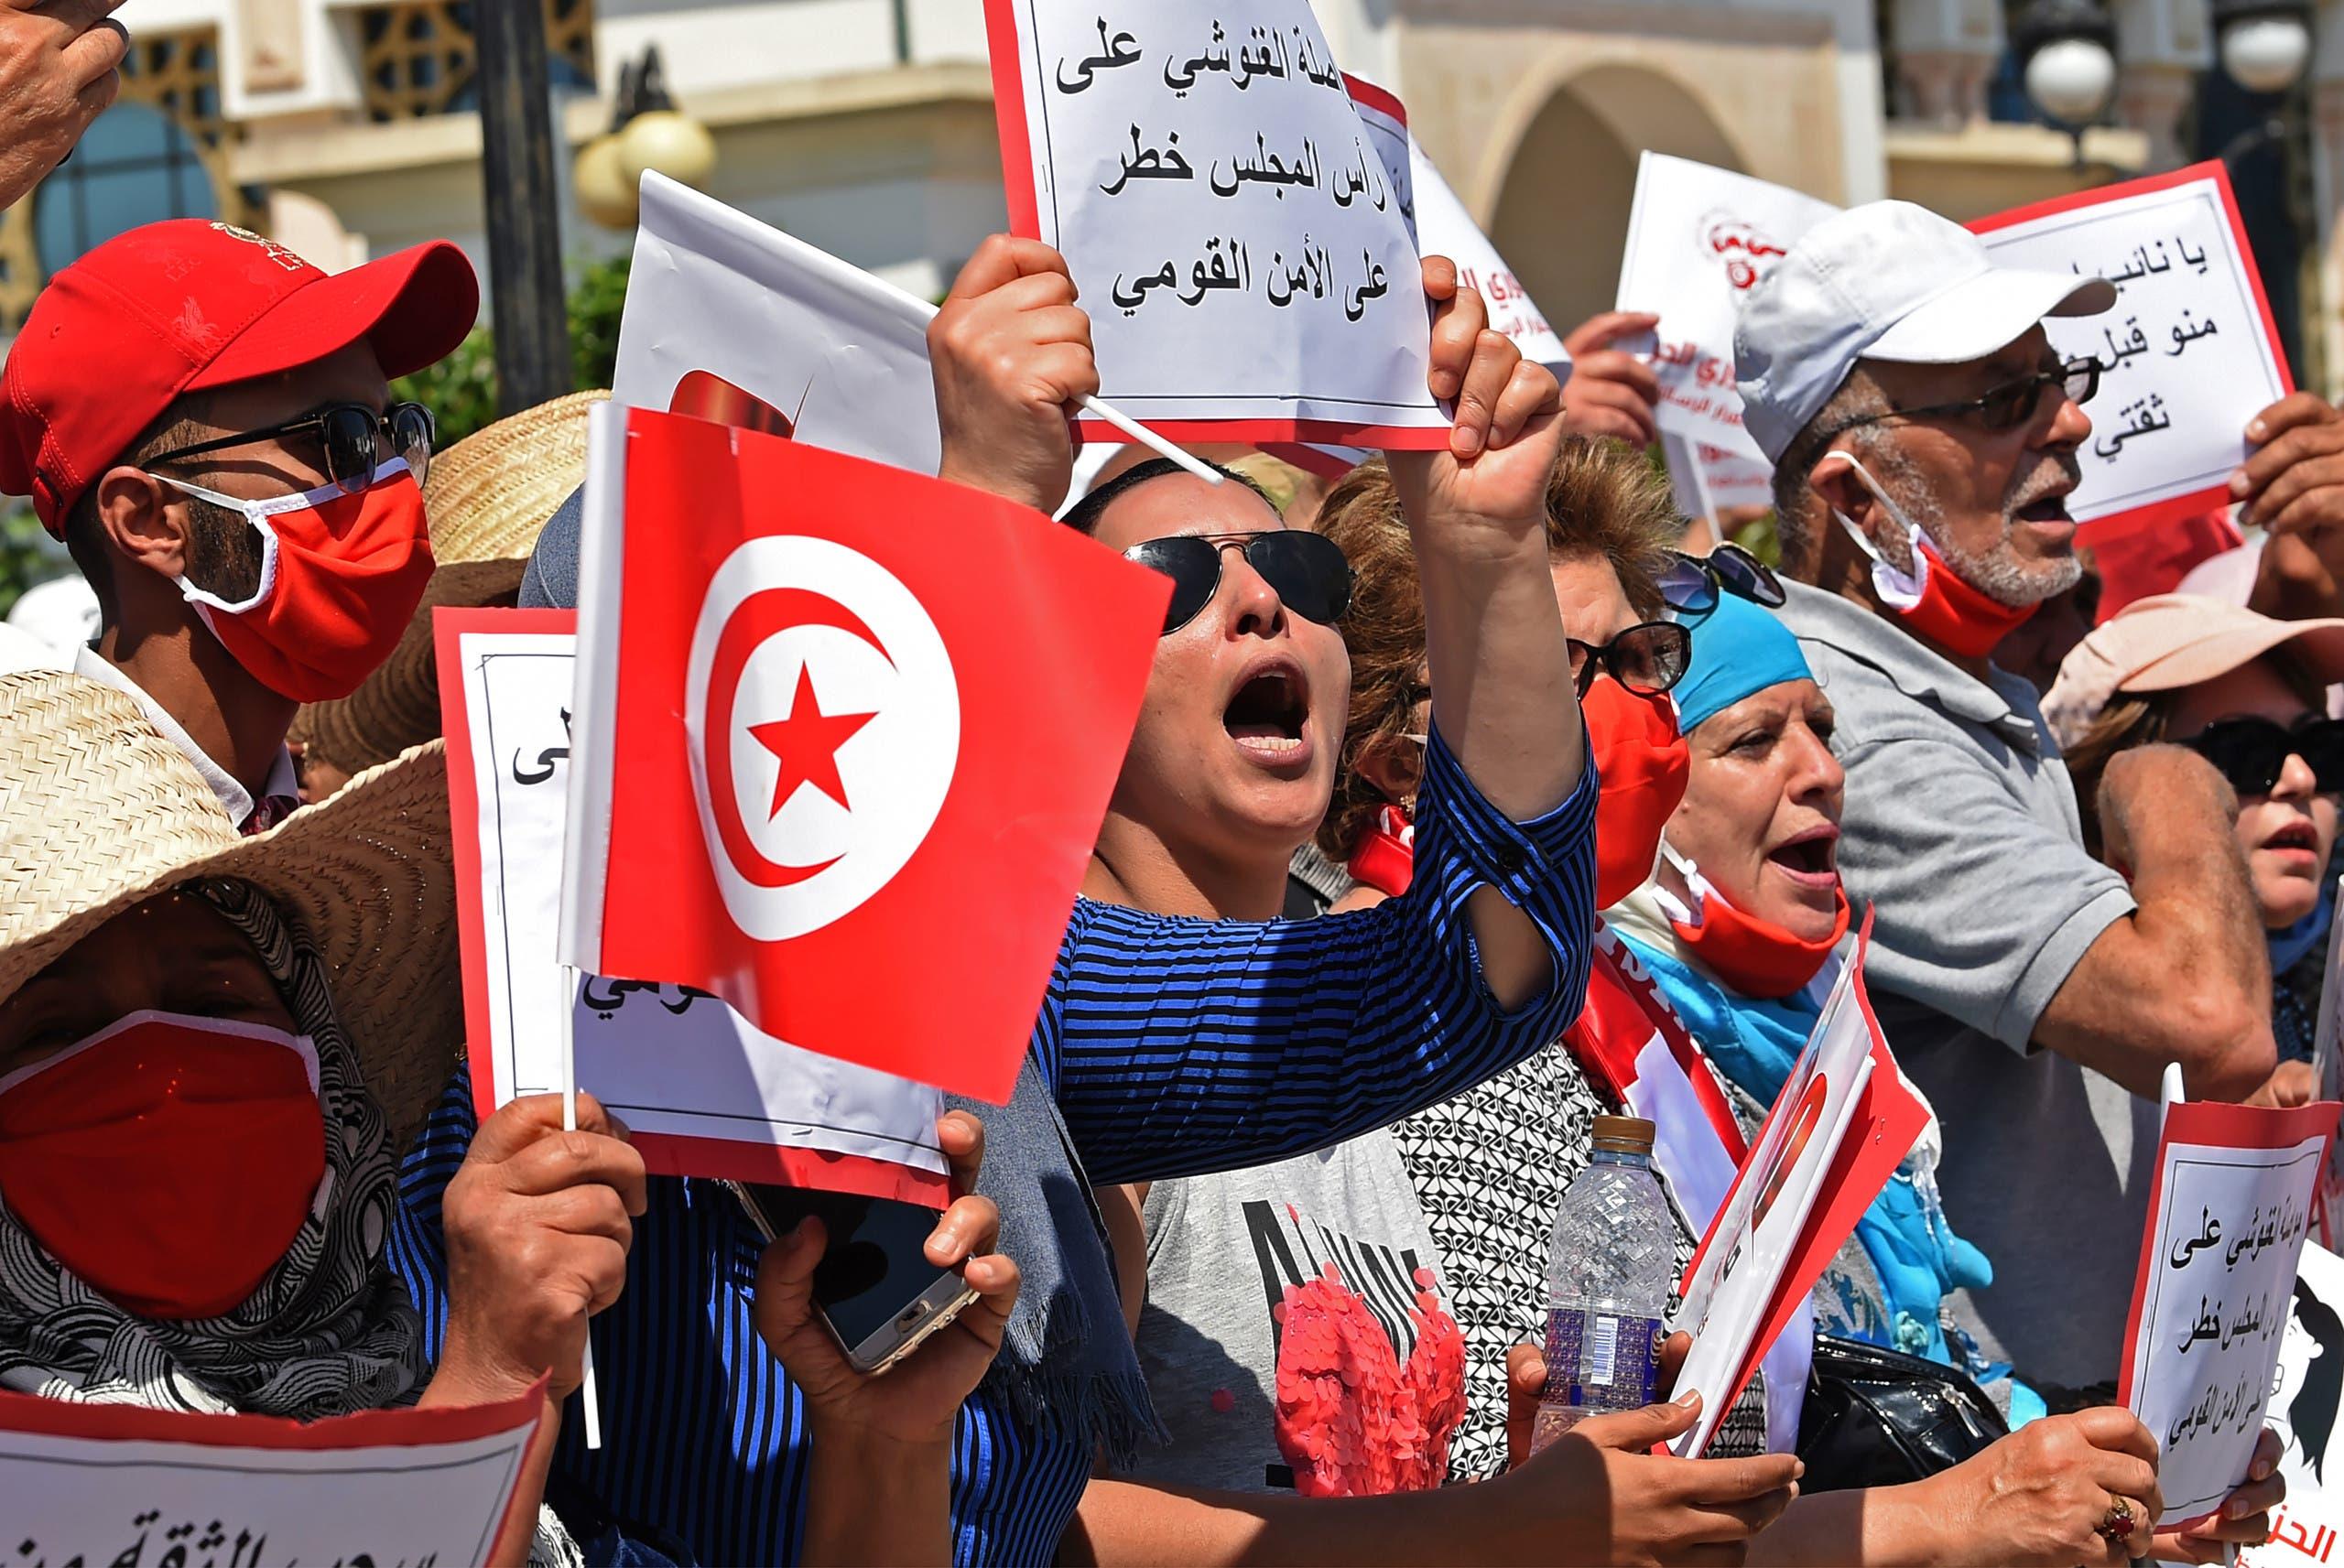 مظاهرة مناهضة للغنوشي أمام البرلمان التونسي في يونيو الماضي